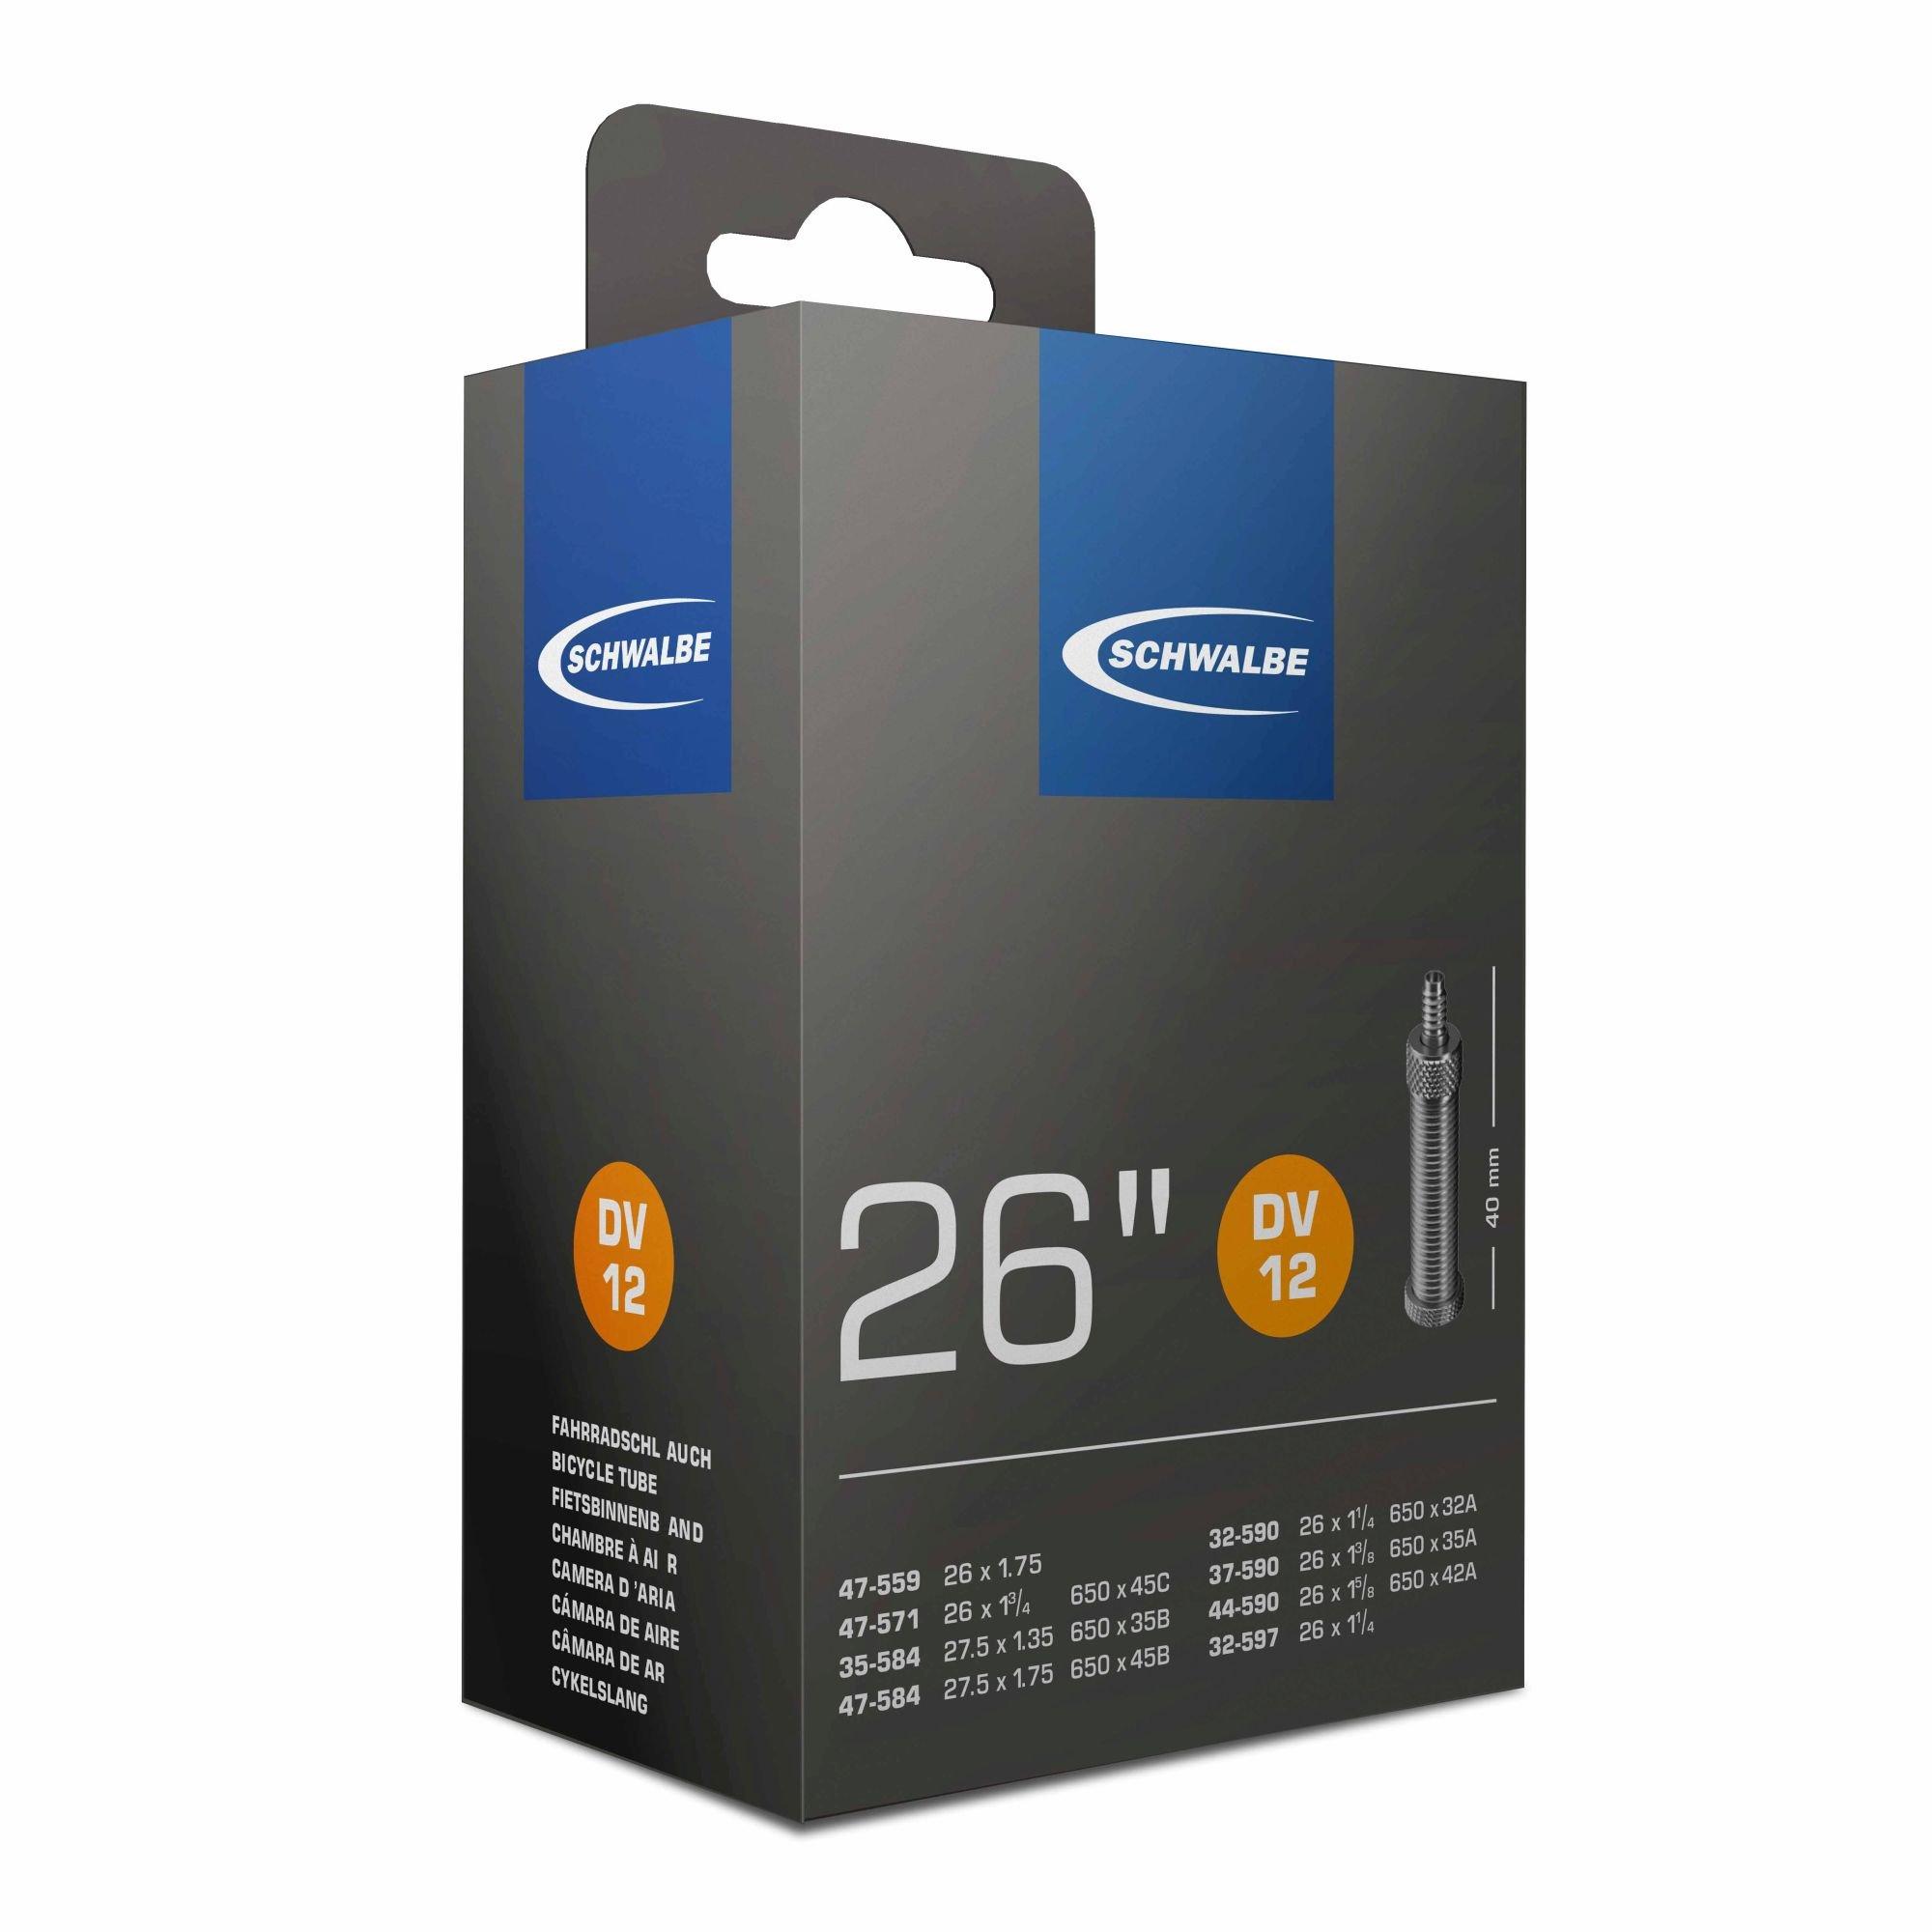 schläuche/Bereifung: Schwalbe  Fahrradschlauch DV 12  40mm